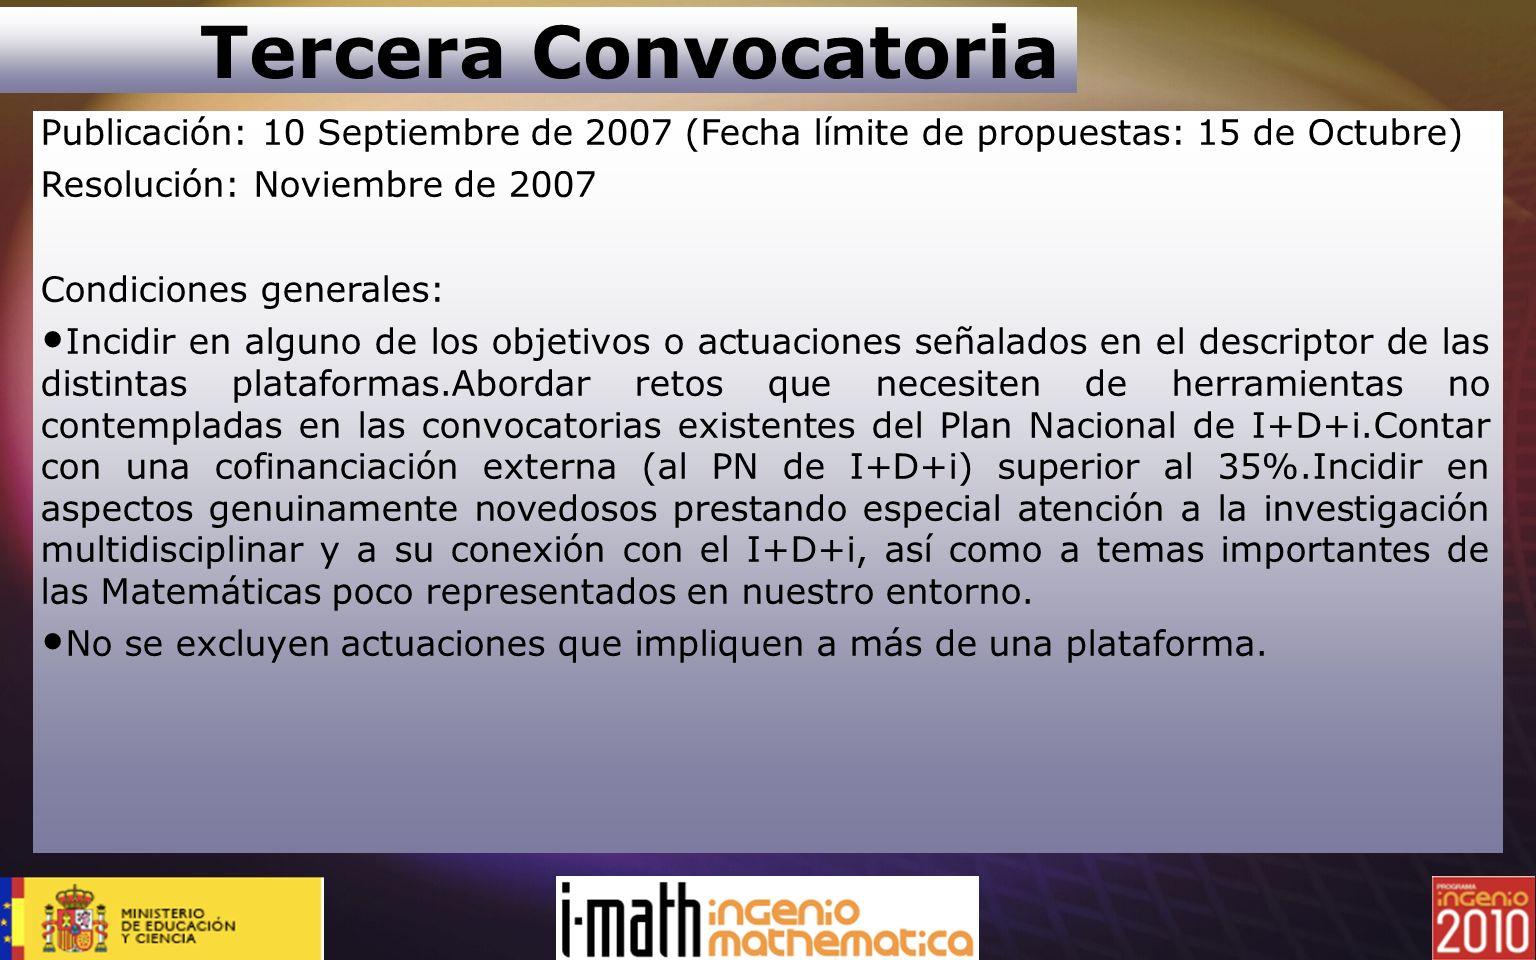 Tercera ConvocatoriaPublicación: 10 Septiembre de 2007 (Fecha límite de propuestas: 15 de Octubre) Resolución: Noviembre de 2007.